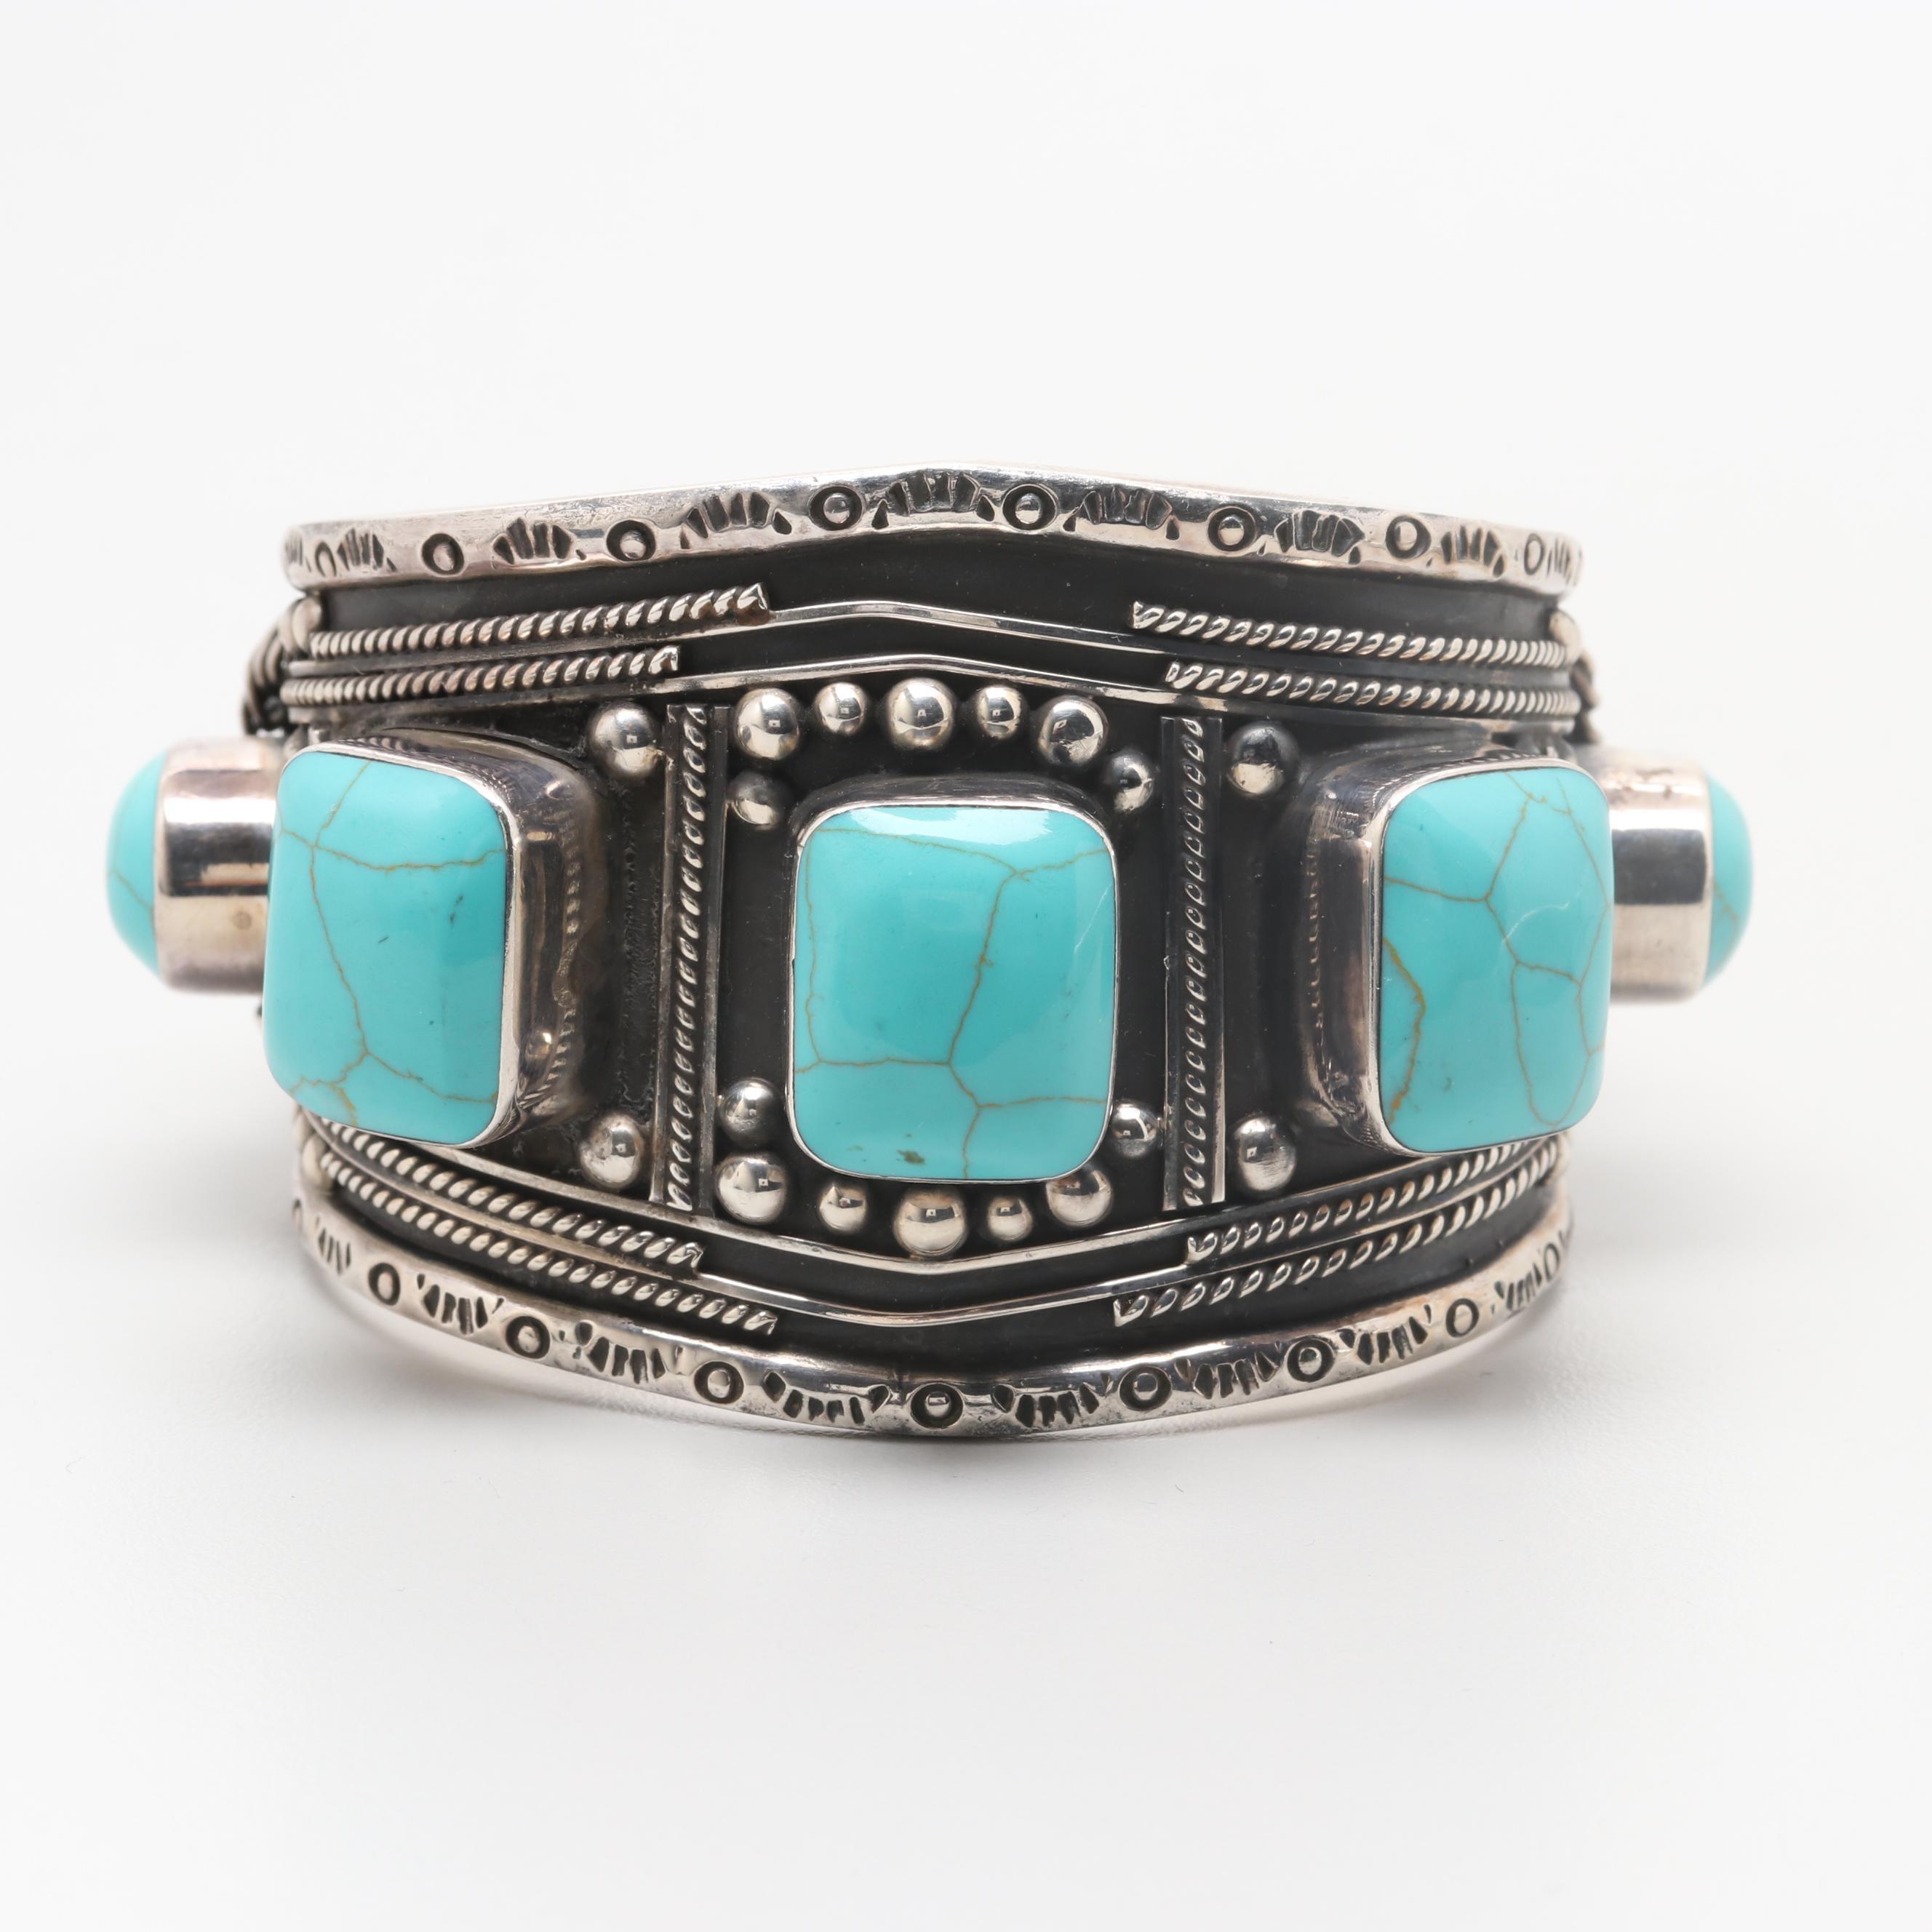 Mexico Esperanza Reconstituted Turquoise Cuff Bracelet